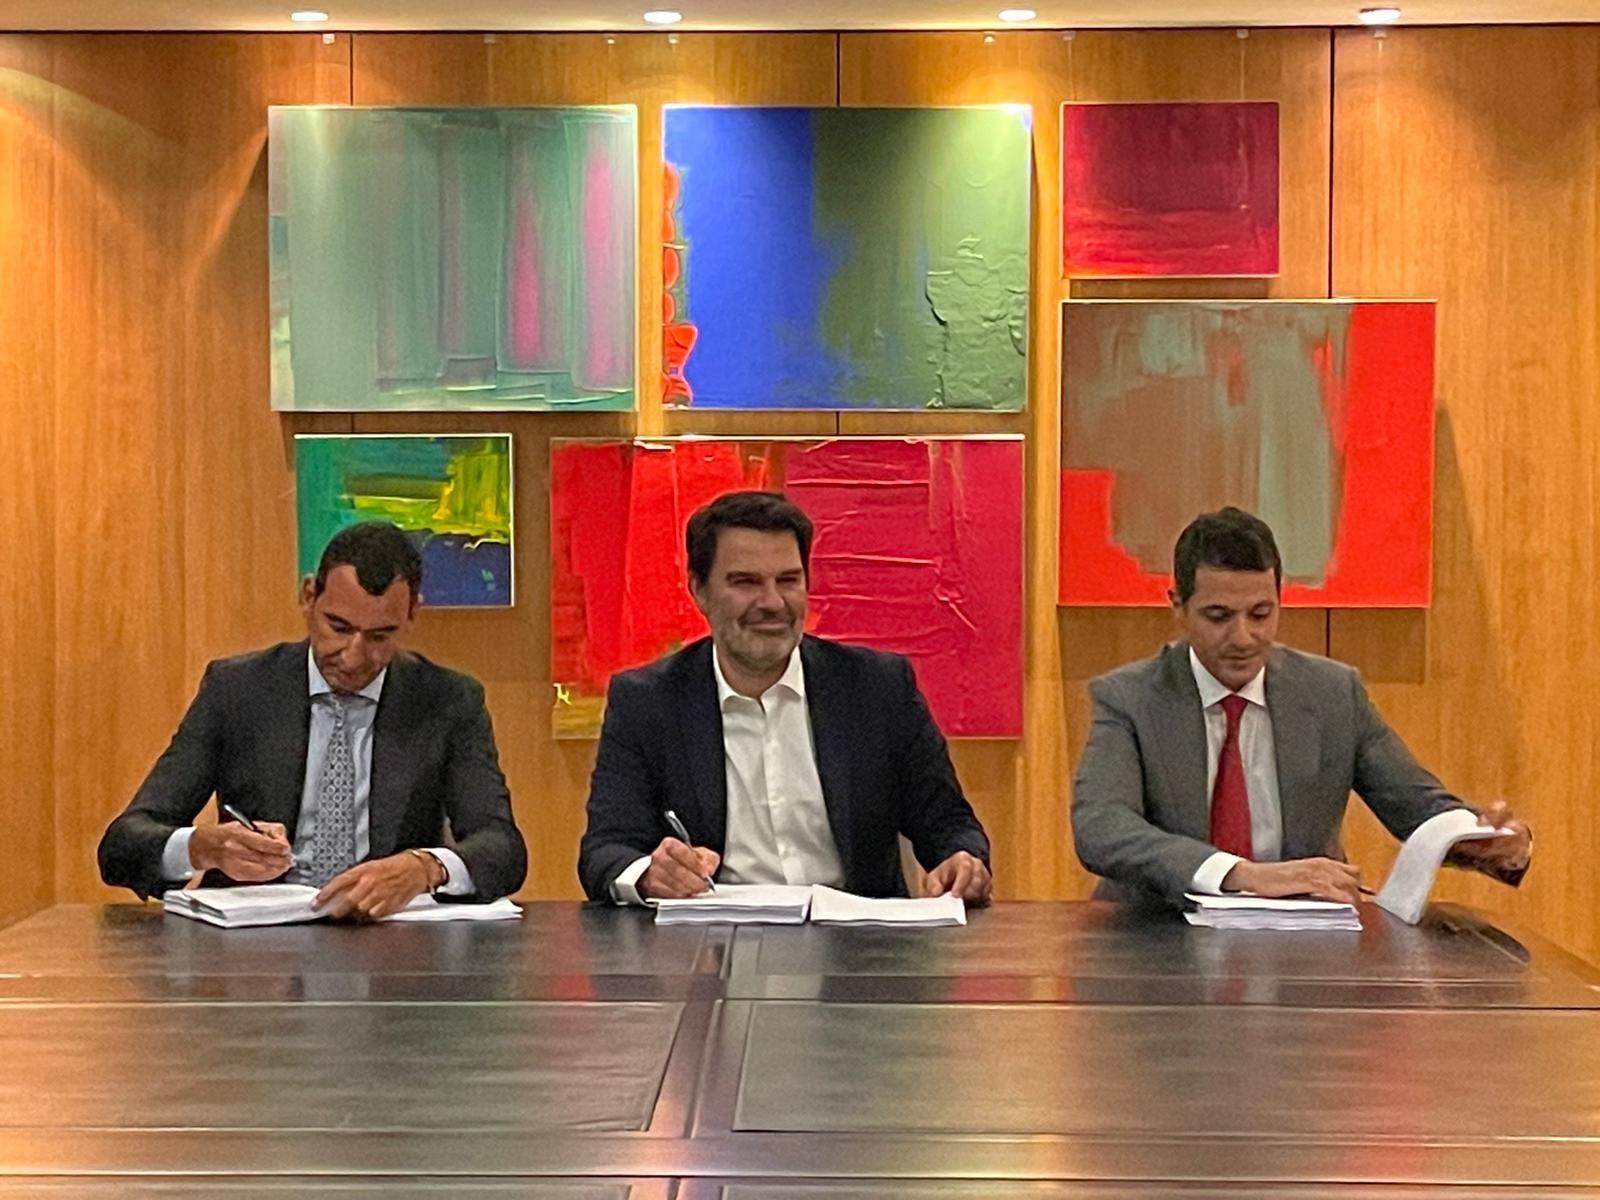 مسؤولو الشركتين، فورتكس إنرجي وإيغنيس أثناء توقيع العقد